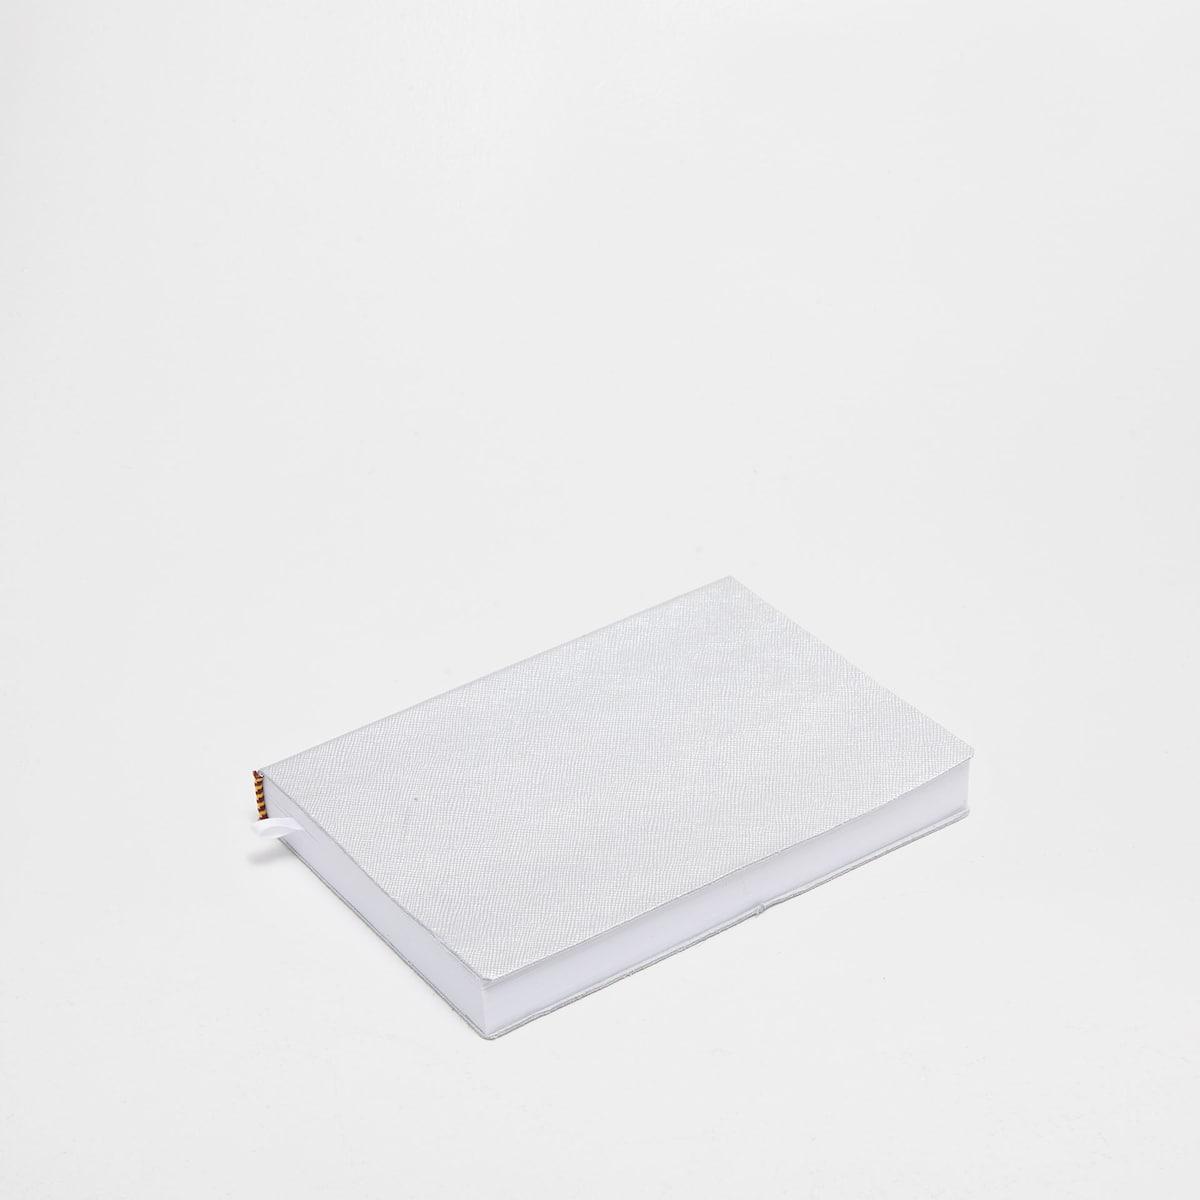 Afbeelding 1 van het product Zilverkleurige Leren Agenda 2017